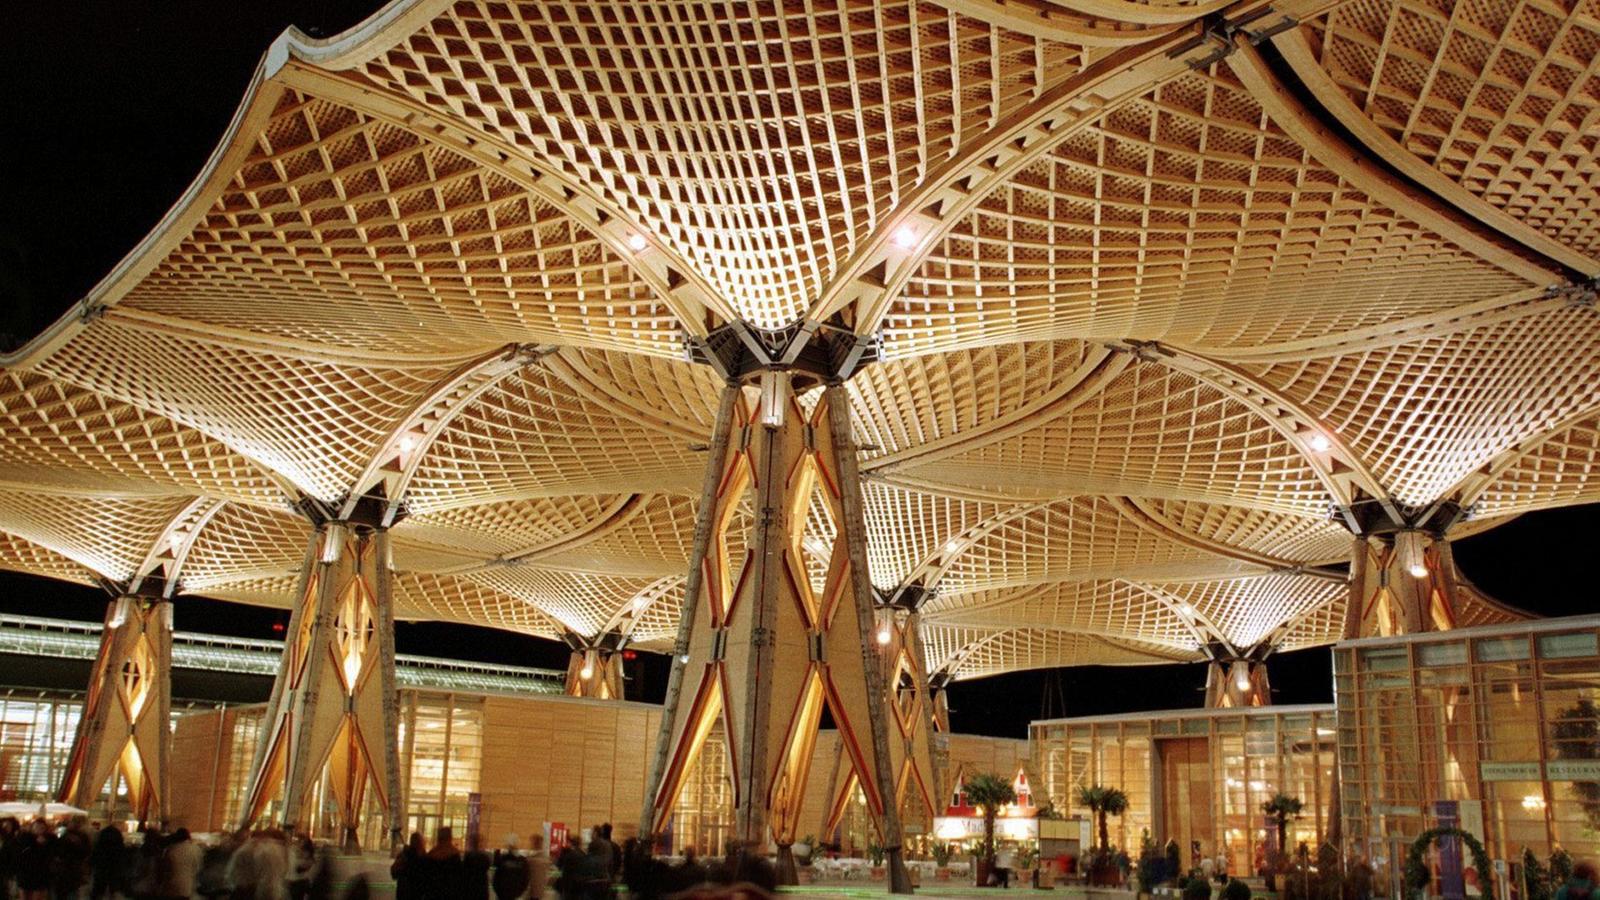 Architektur moderne dachkonstruktionen architektur for Japanische architektur holz